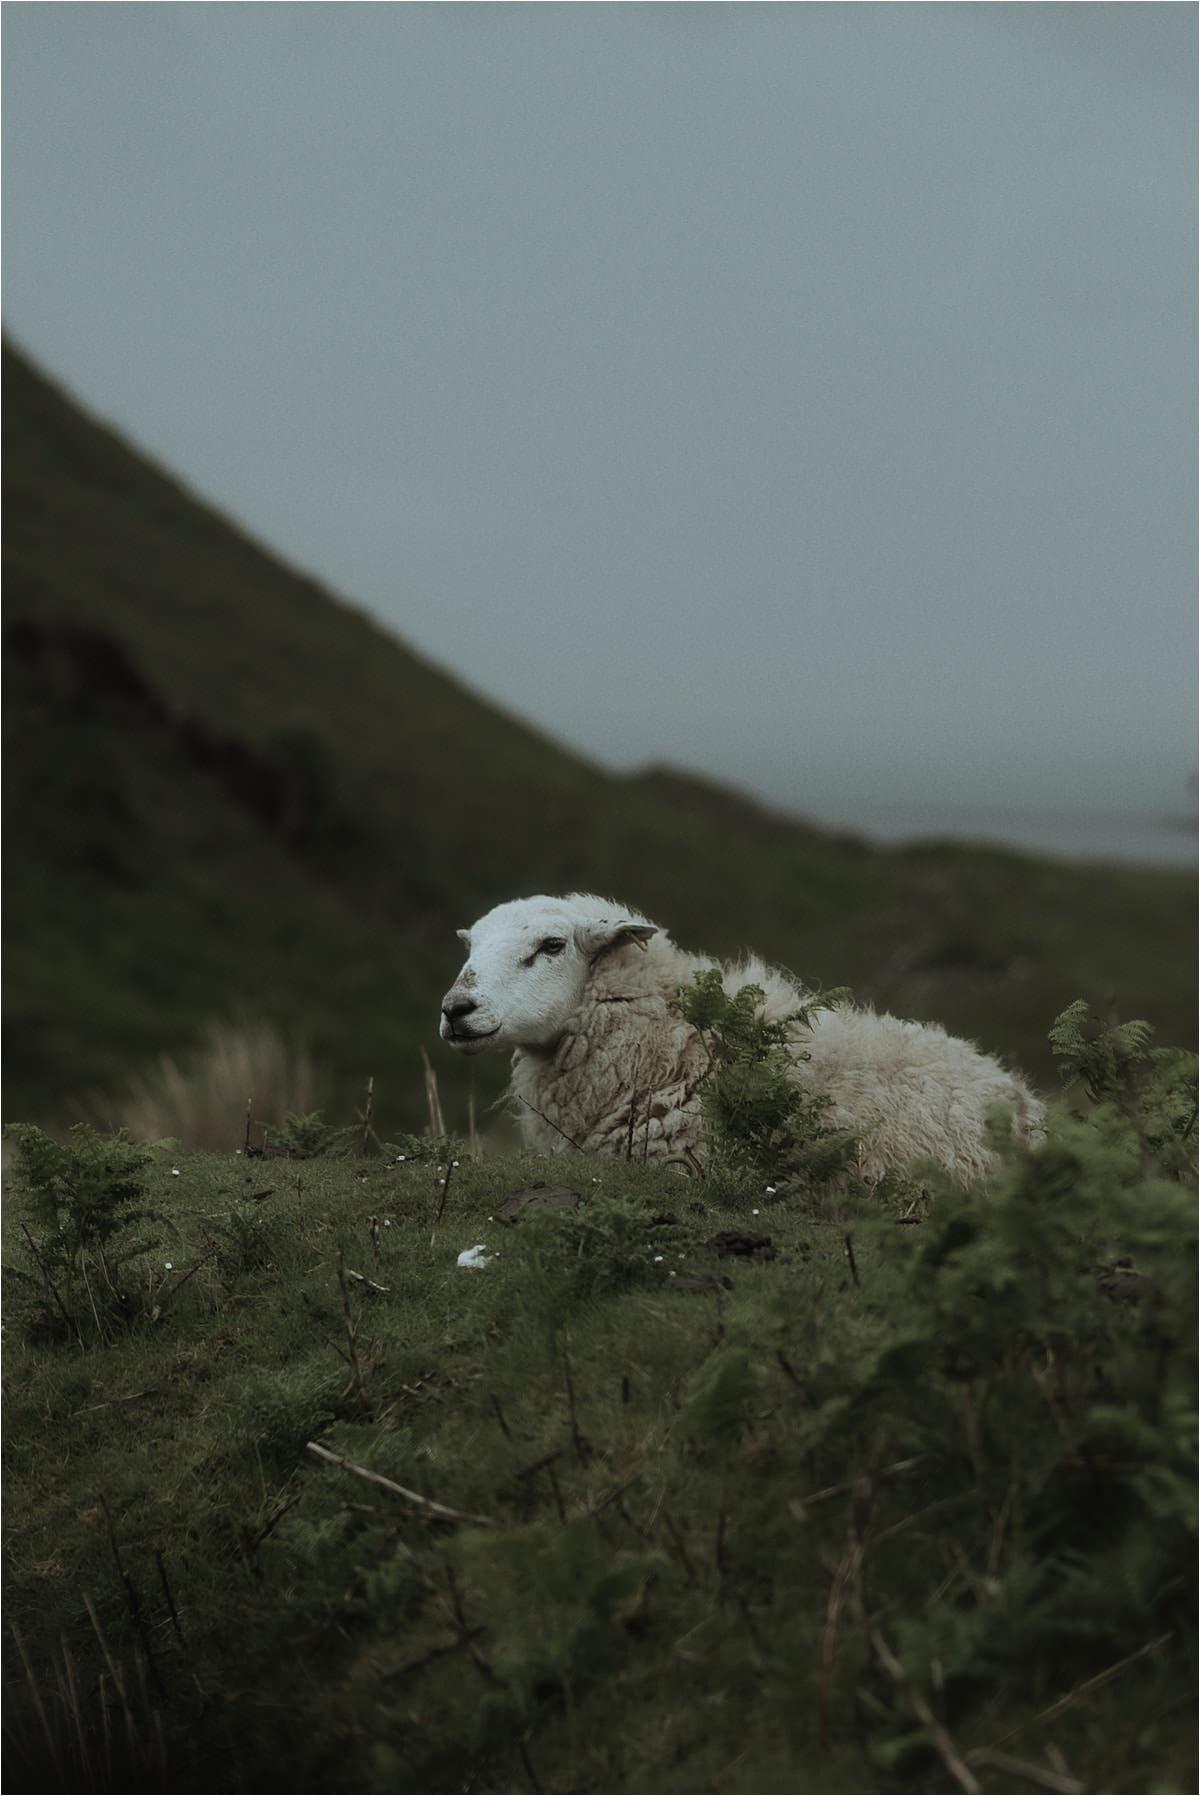 sheep on the isle of skye